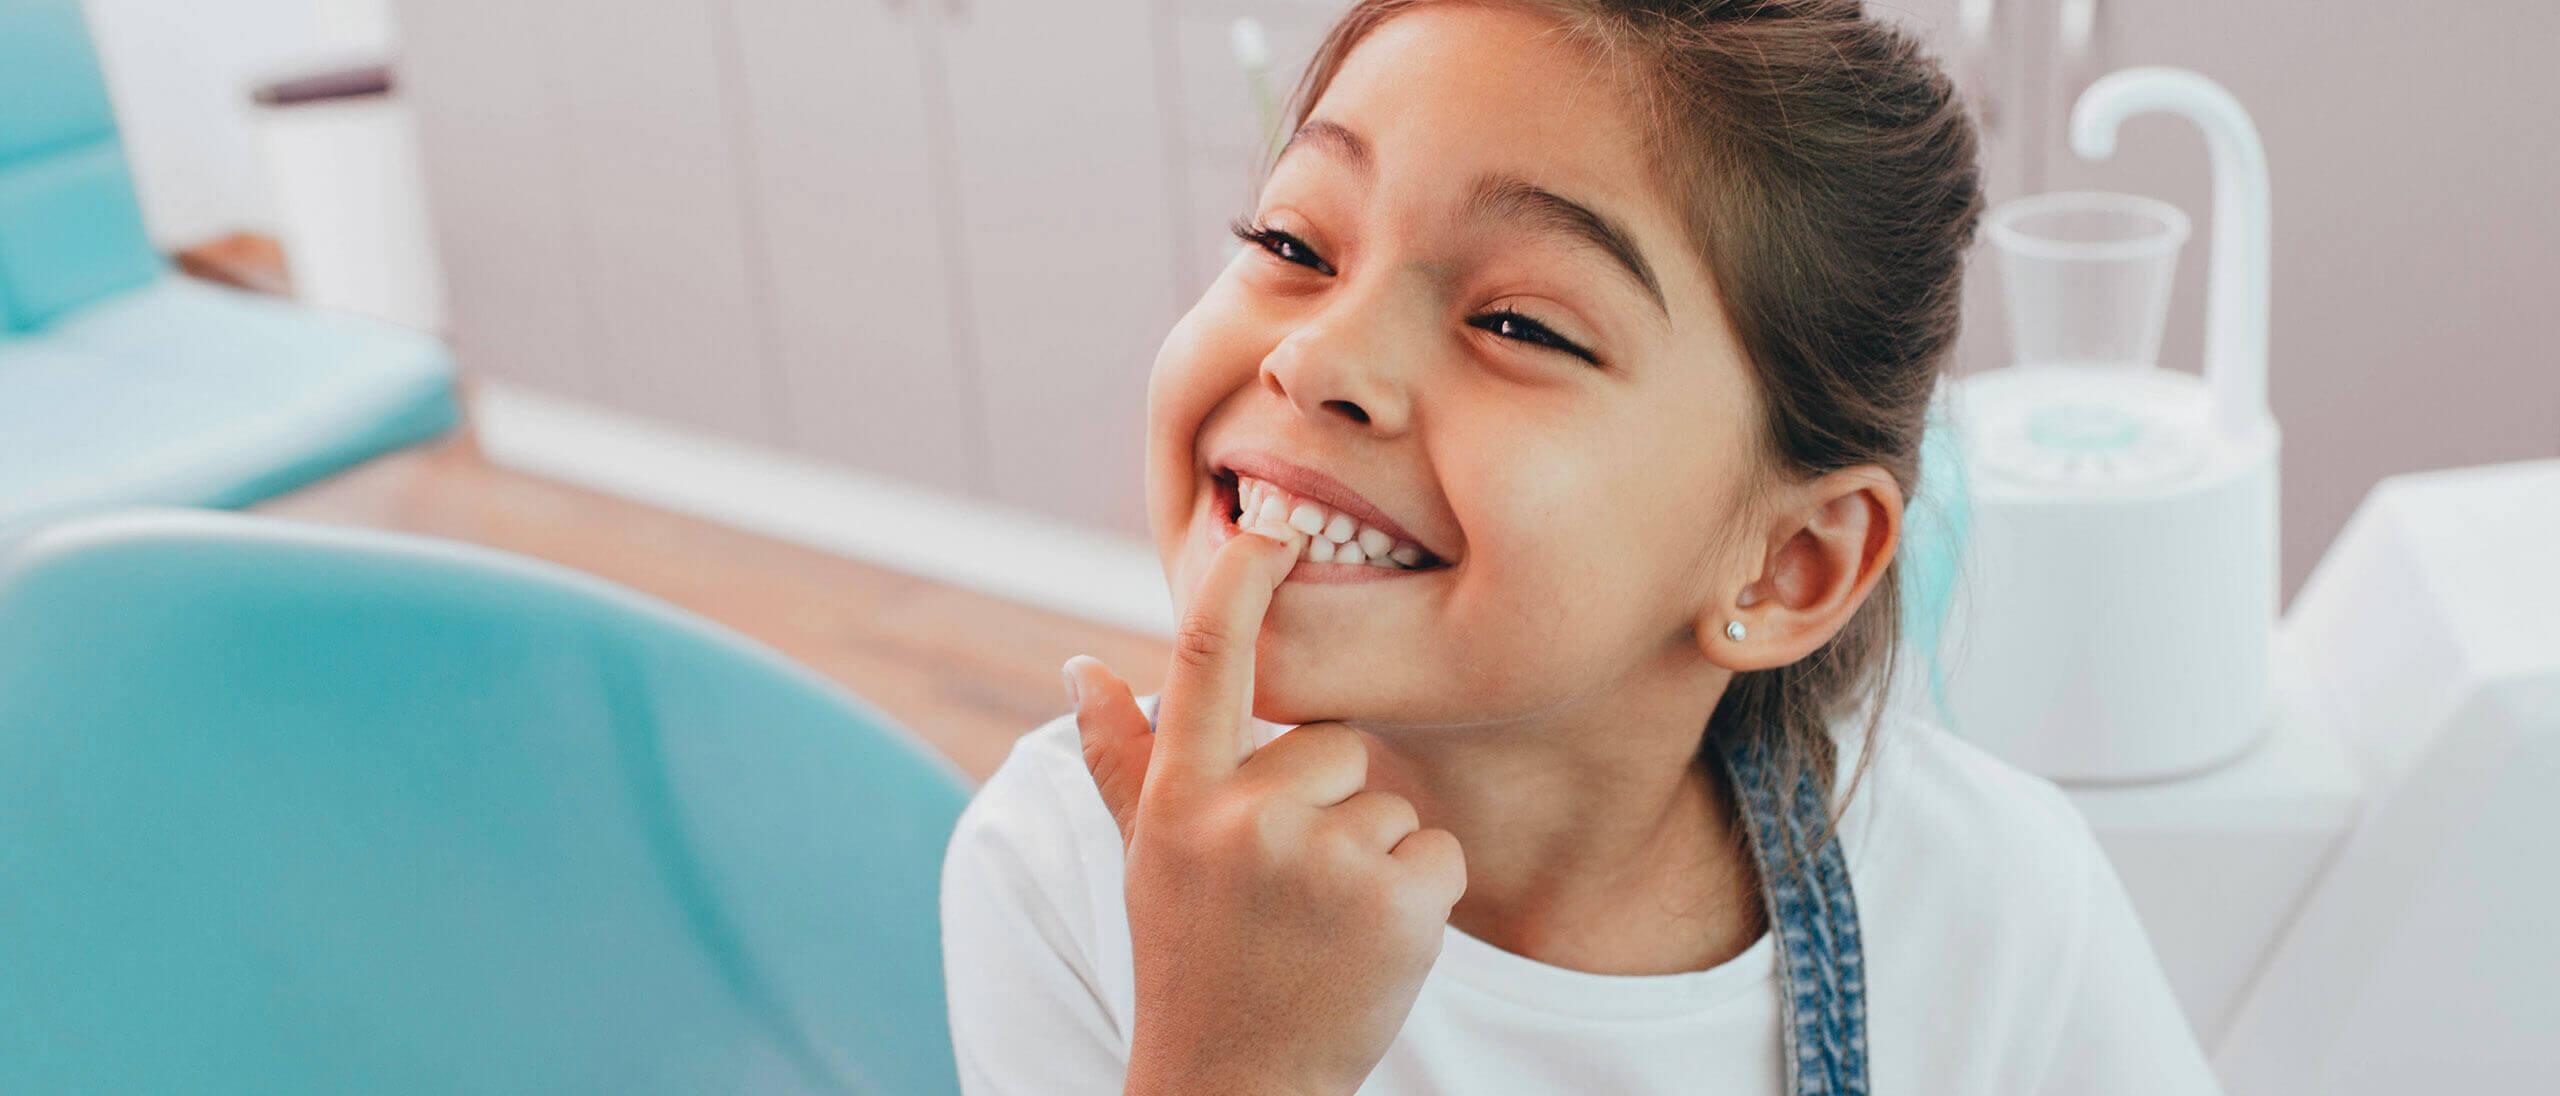 Children's Dentistry Nottingham | Sherwood Dental Care